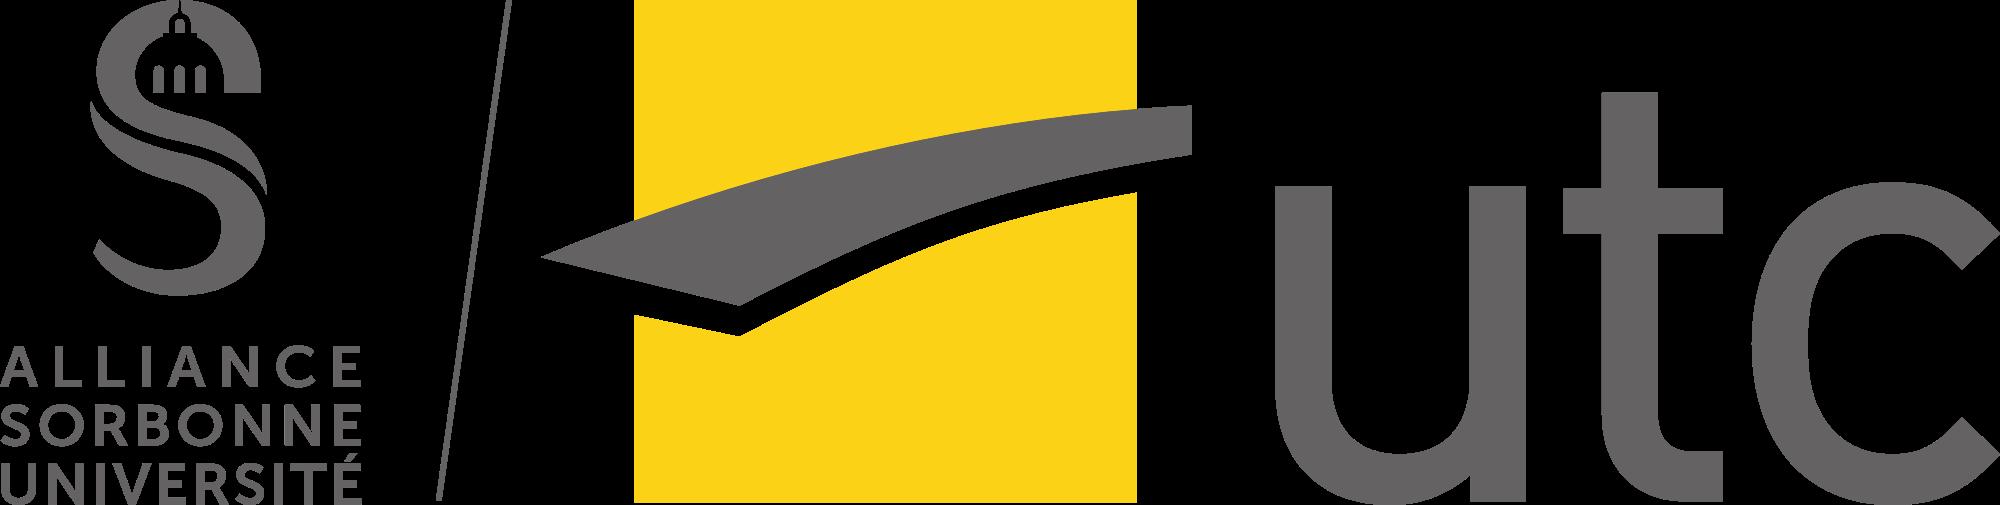 logos/UTC/logo_UTC.png